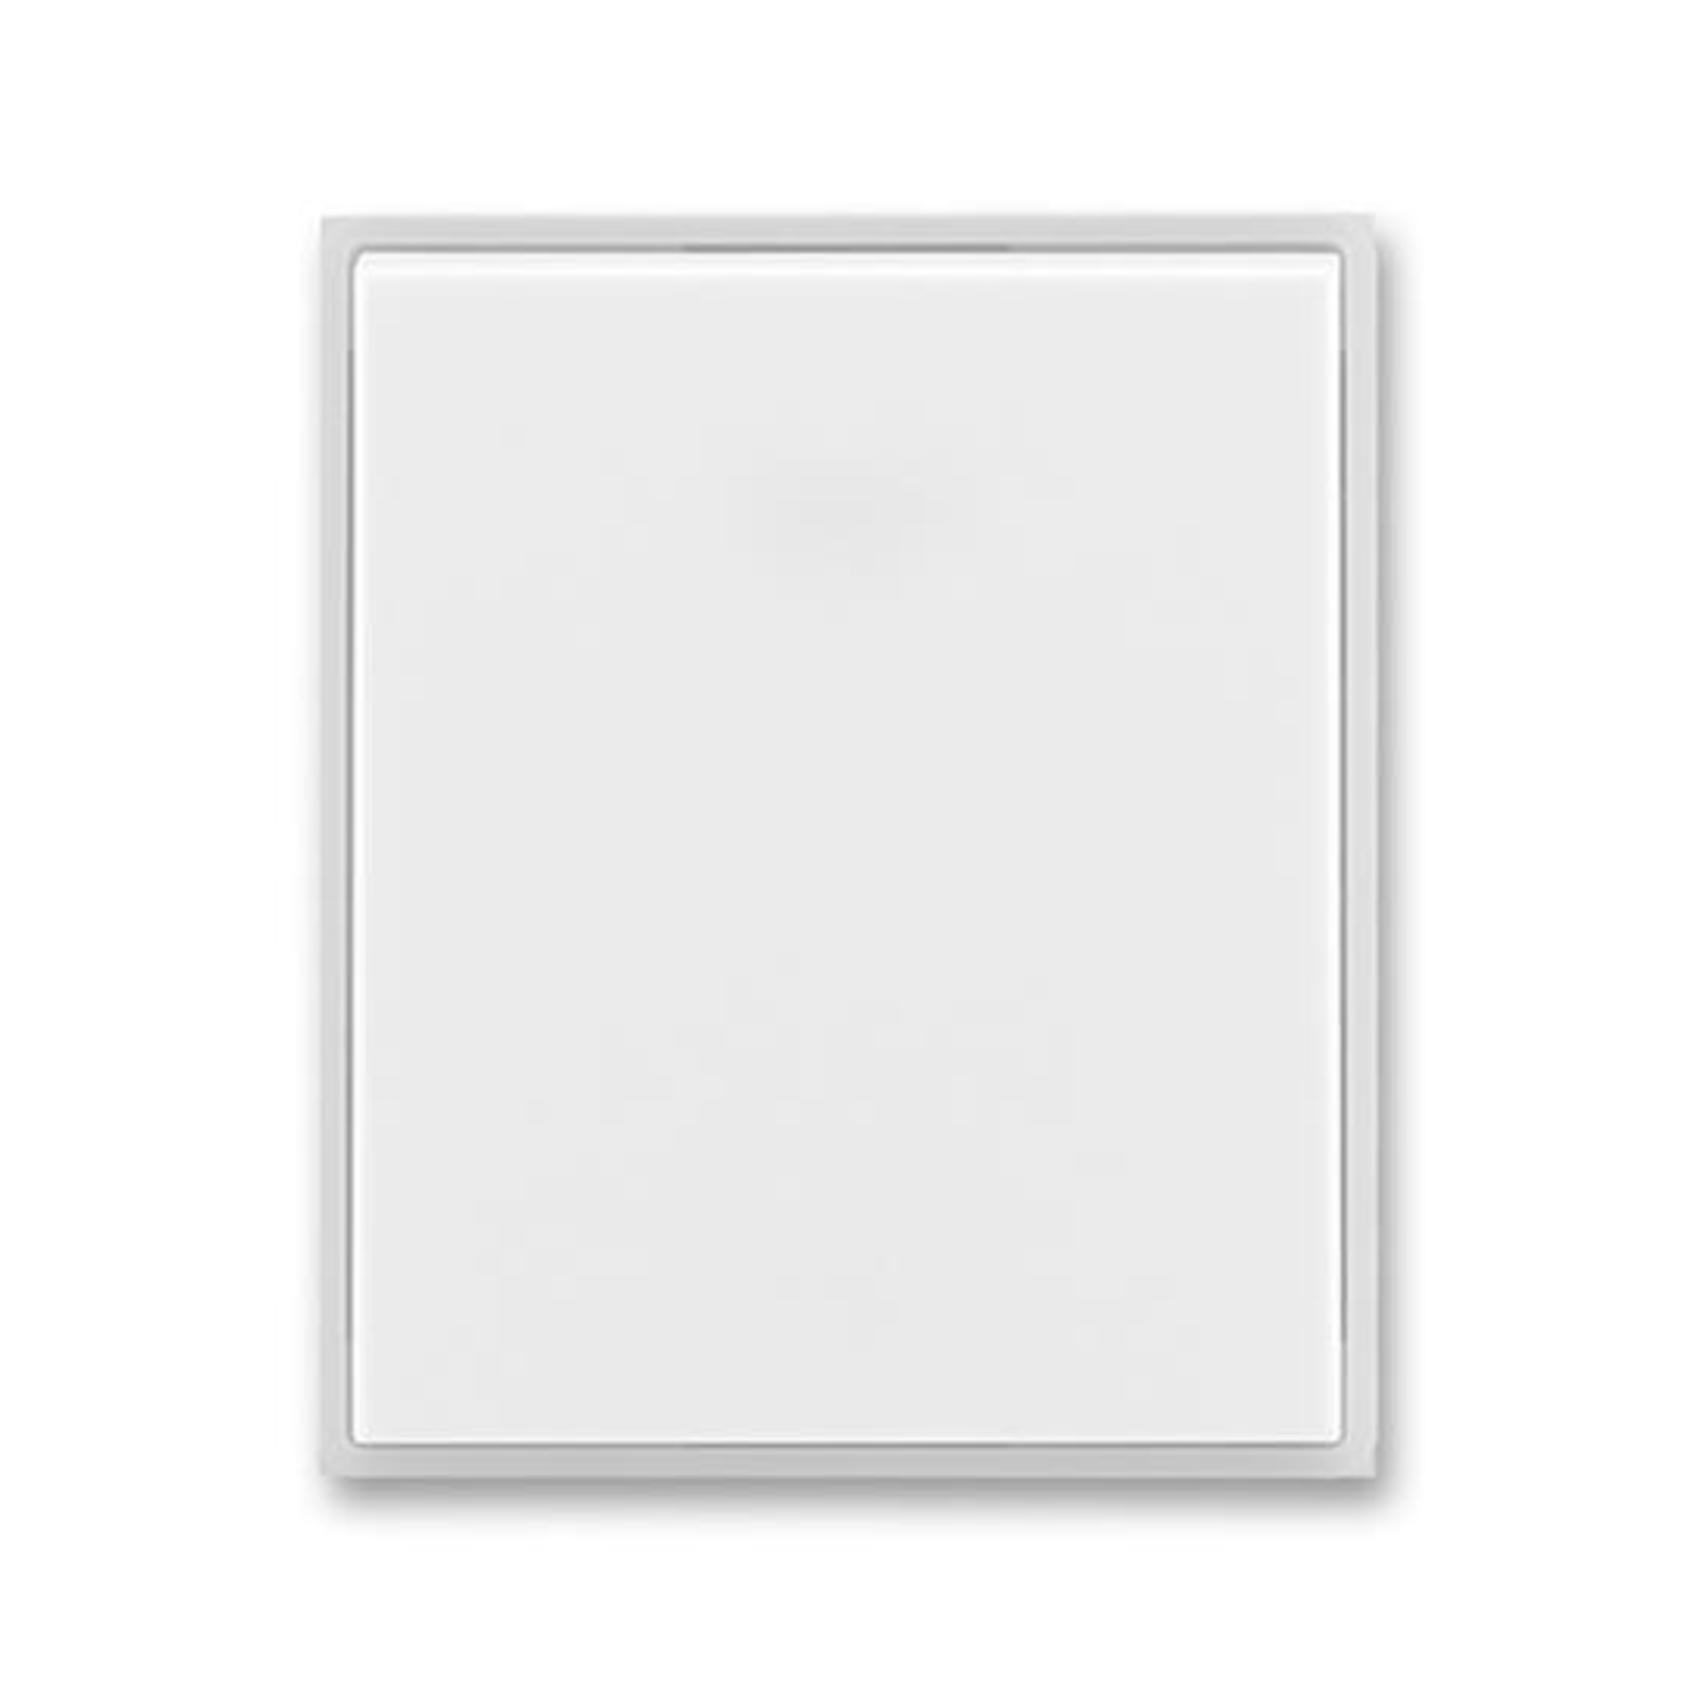 ABB 3558E-A00651 01 Element Kryt spínače jednoduchý